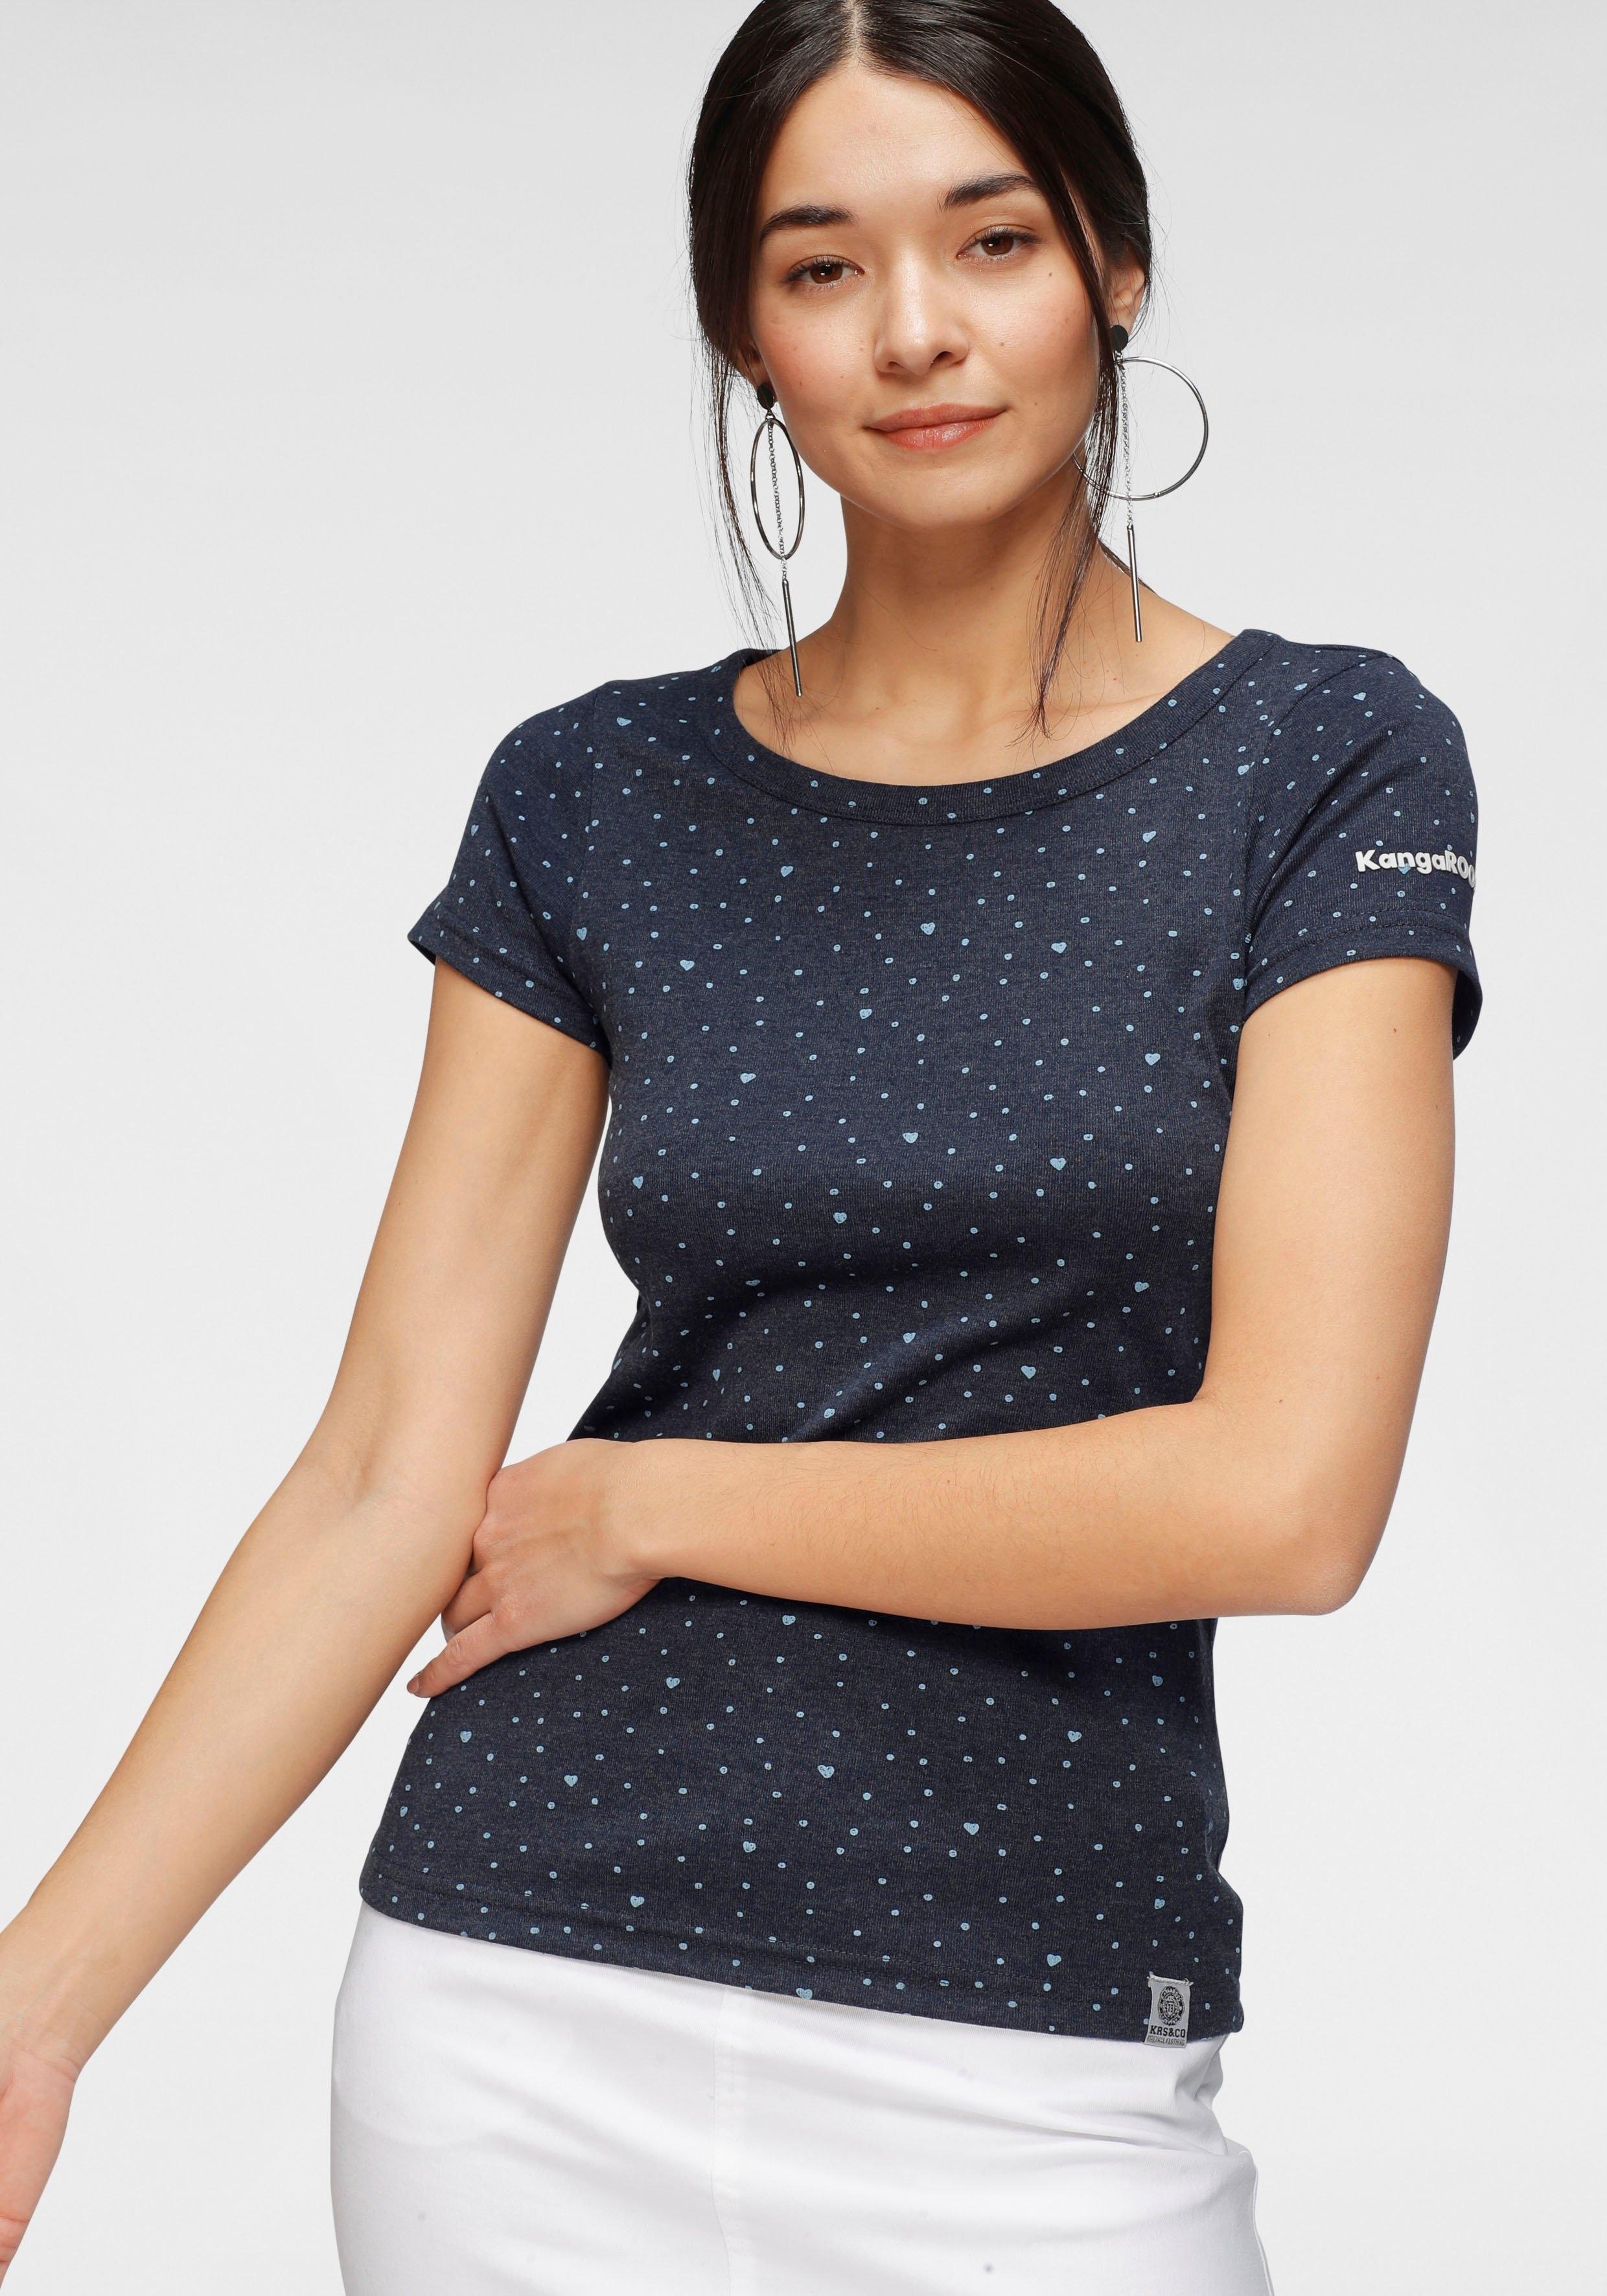 KangaROOS T-shirt met all-over- of met frontprint - verschillende betaalmethodes